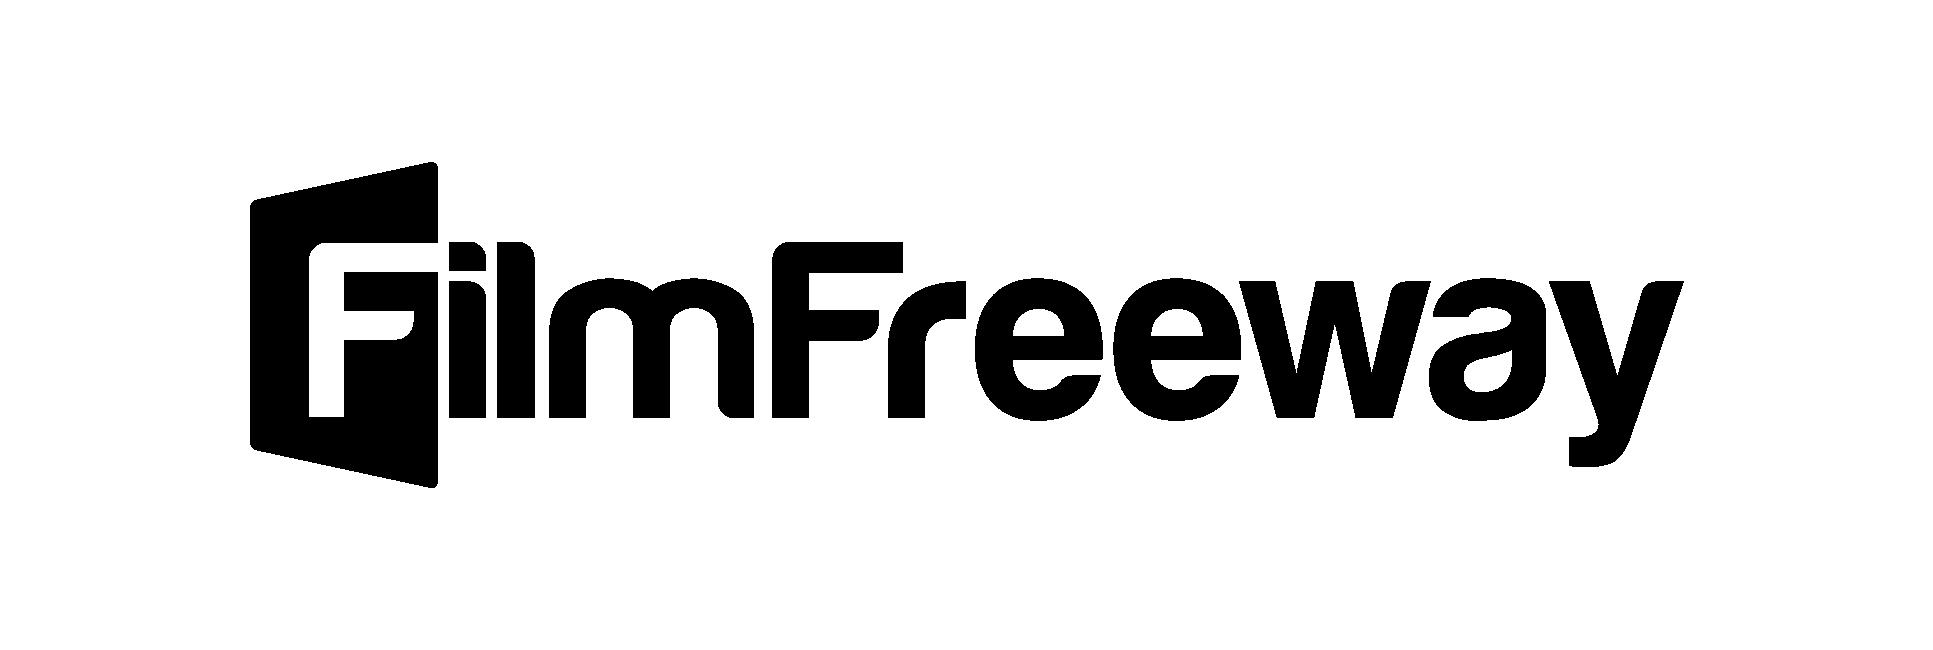 filmfreeway-logo-hires-black-2dd68bff7fa8cc8fb193c32f87060795